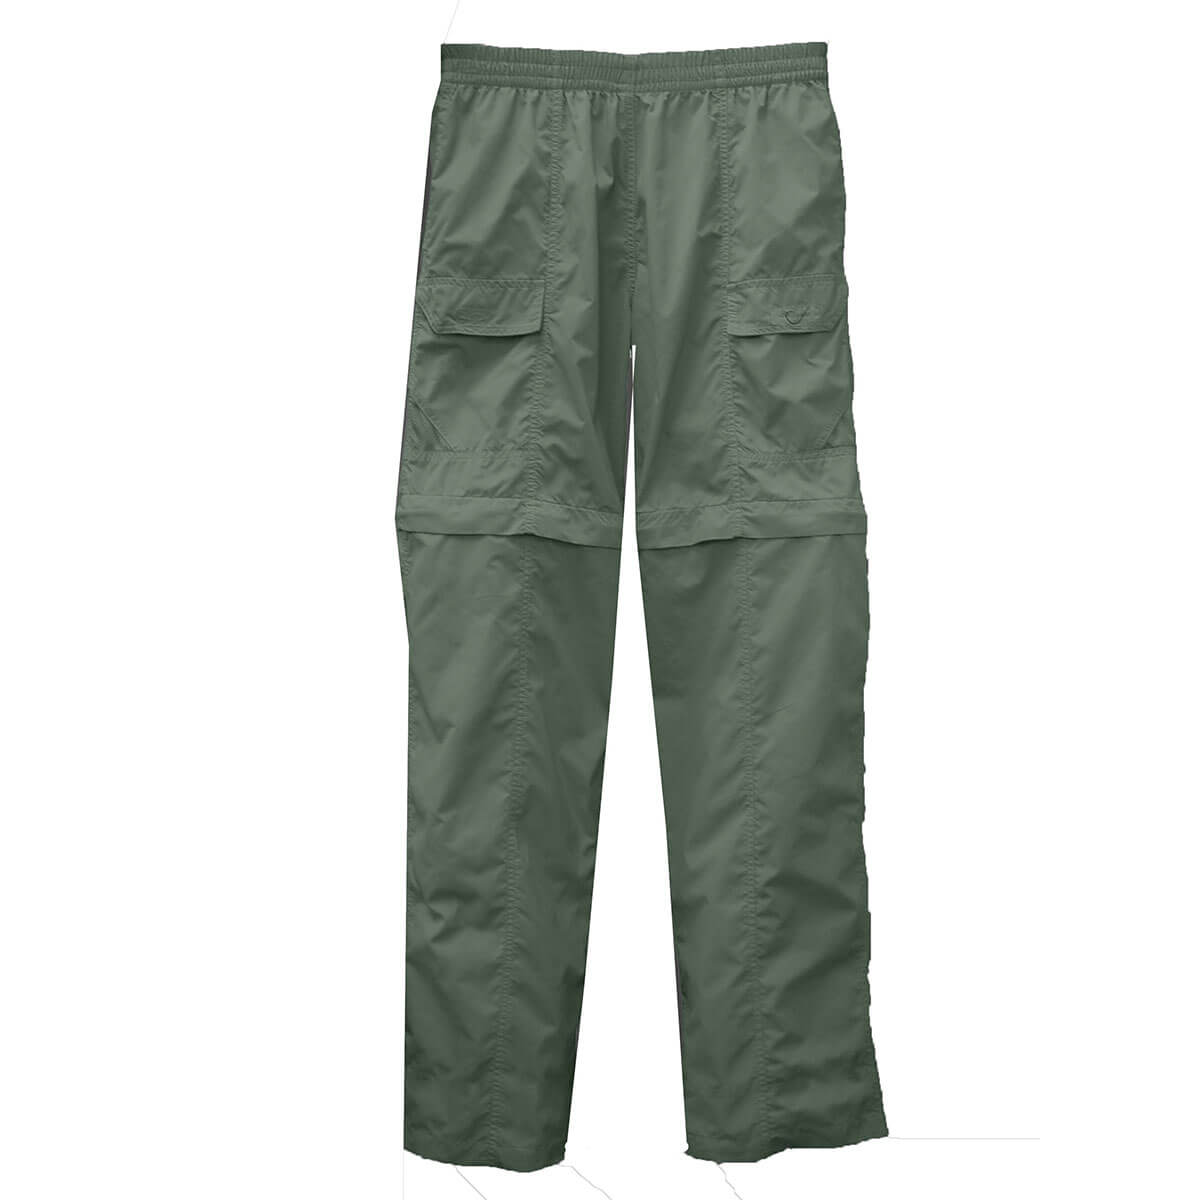 Calça Masculina Ballyhoo com elástico Verde Acinzentado